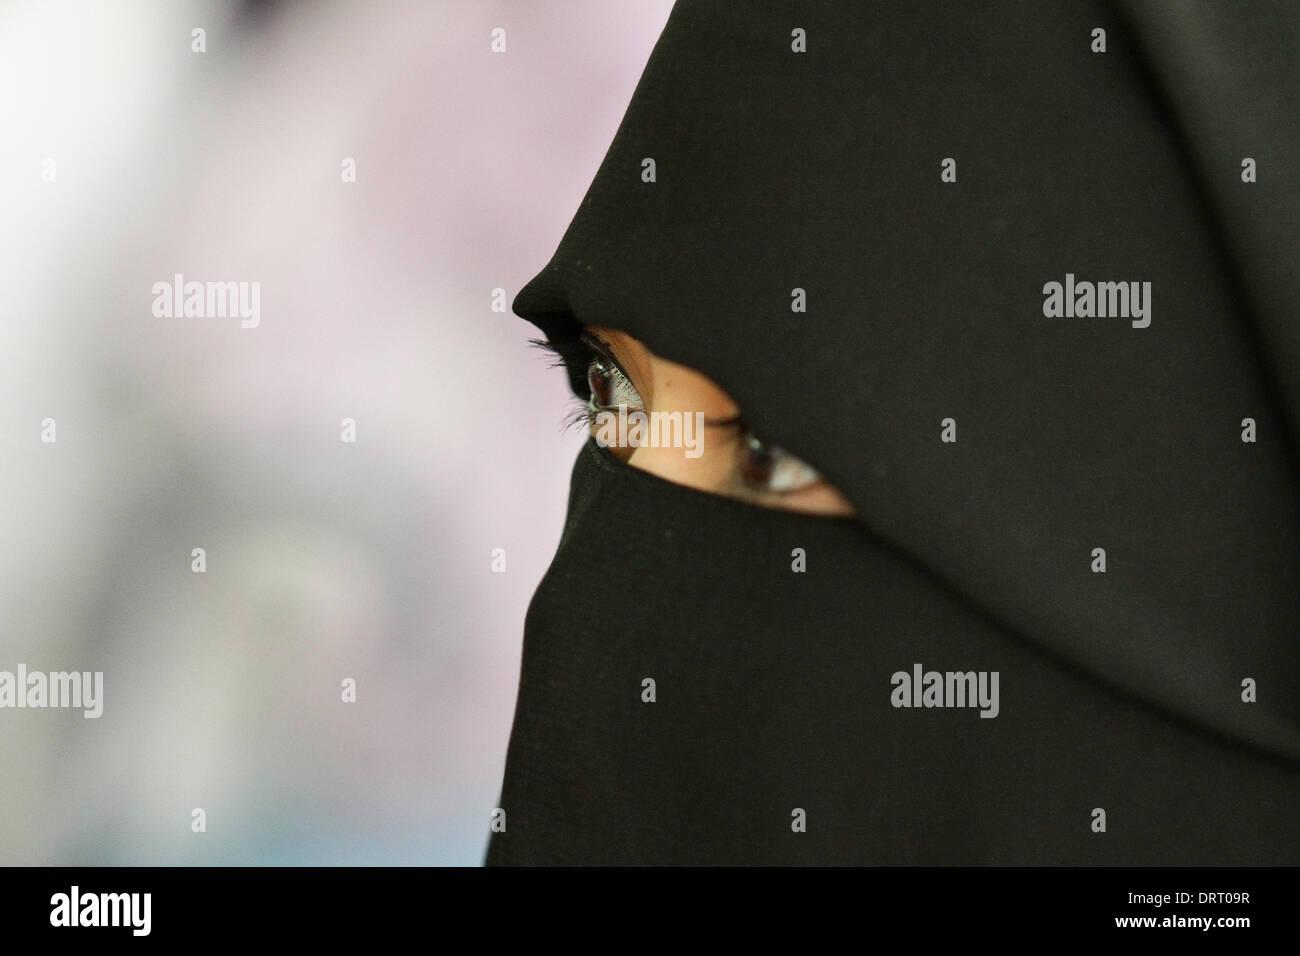 Quezon, Filipinas. 1 de Fev, 2014. Uma mulher muçulmana vestindo um rosto inteiro Hijab atende o mundo Hijad Imagens de Stock